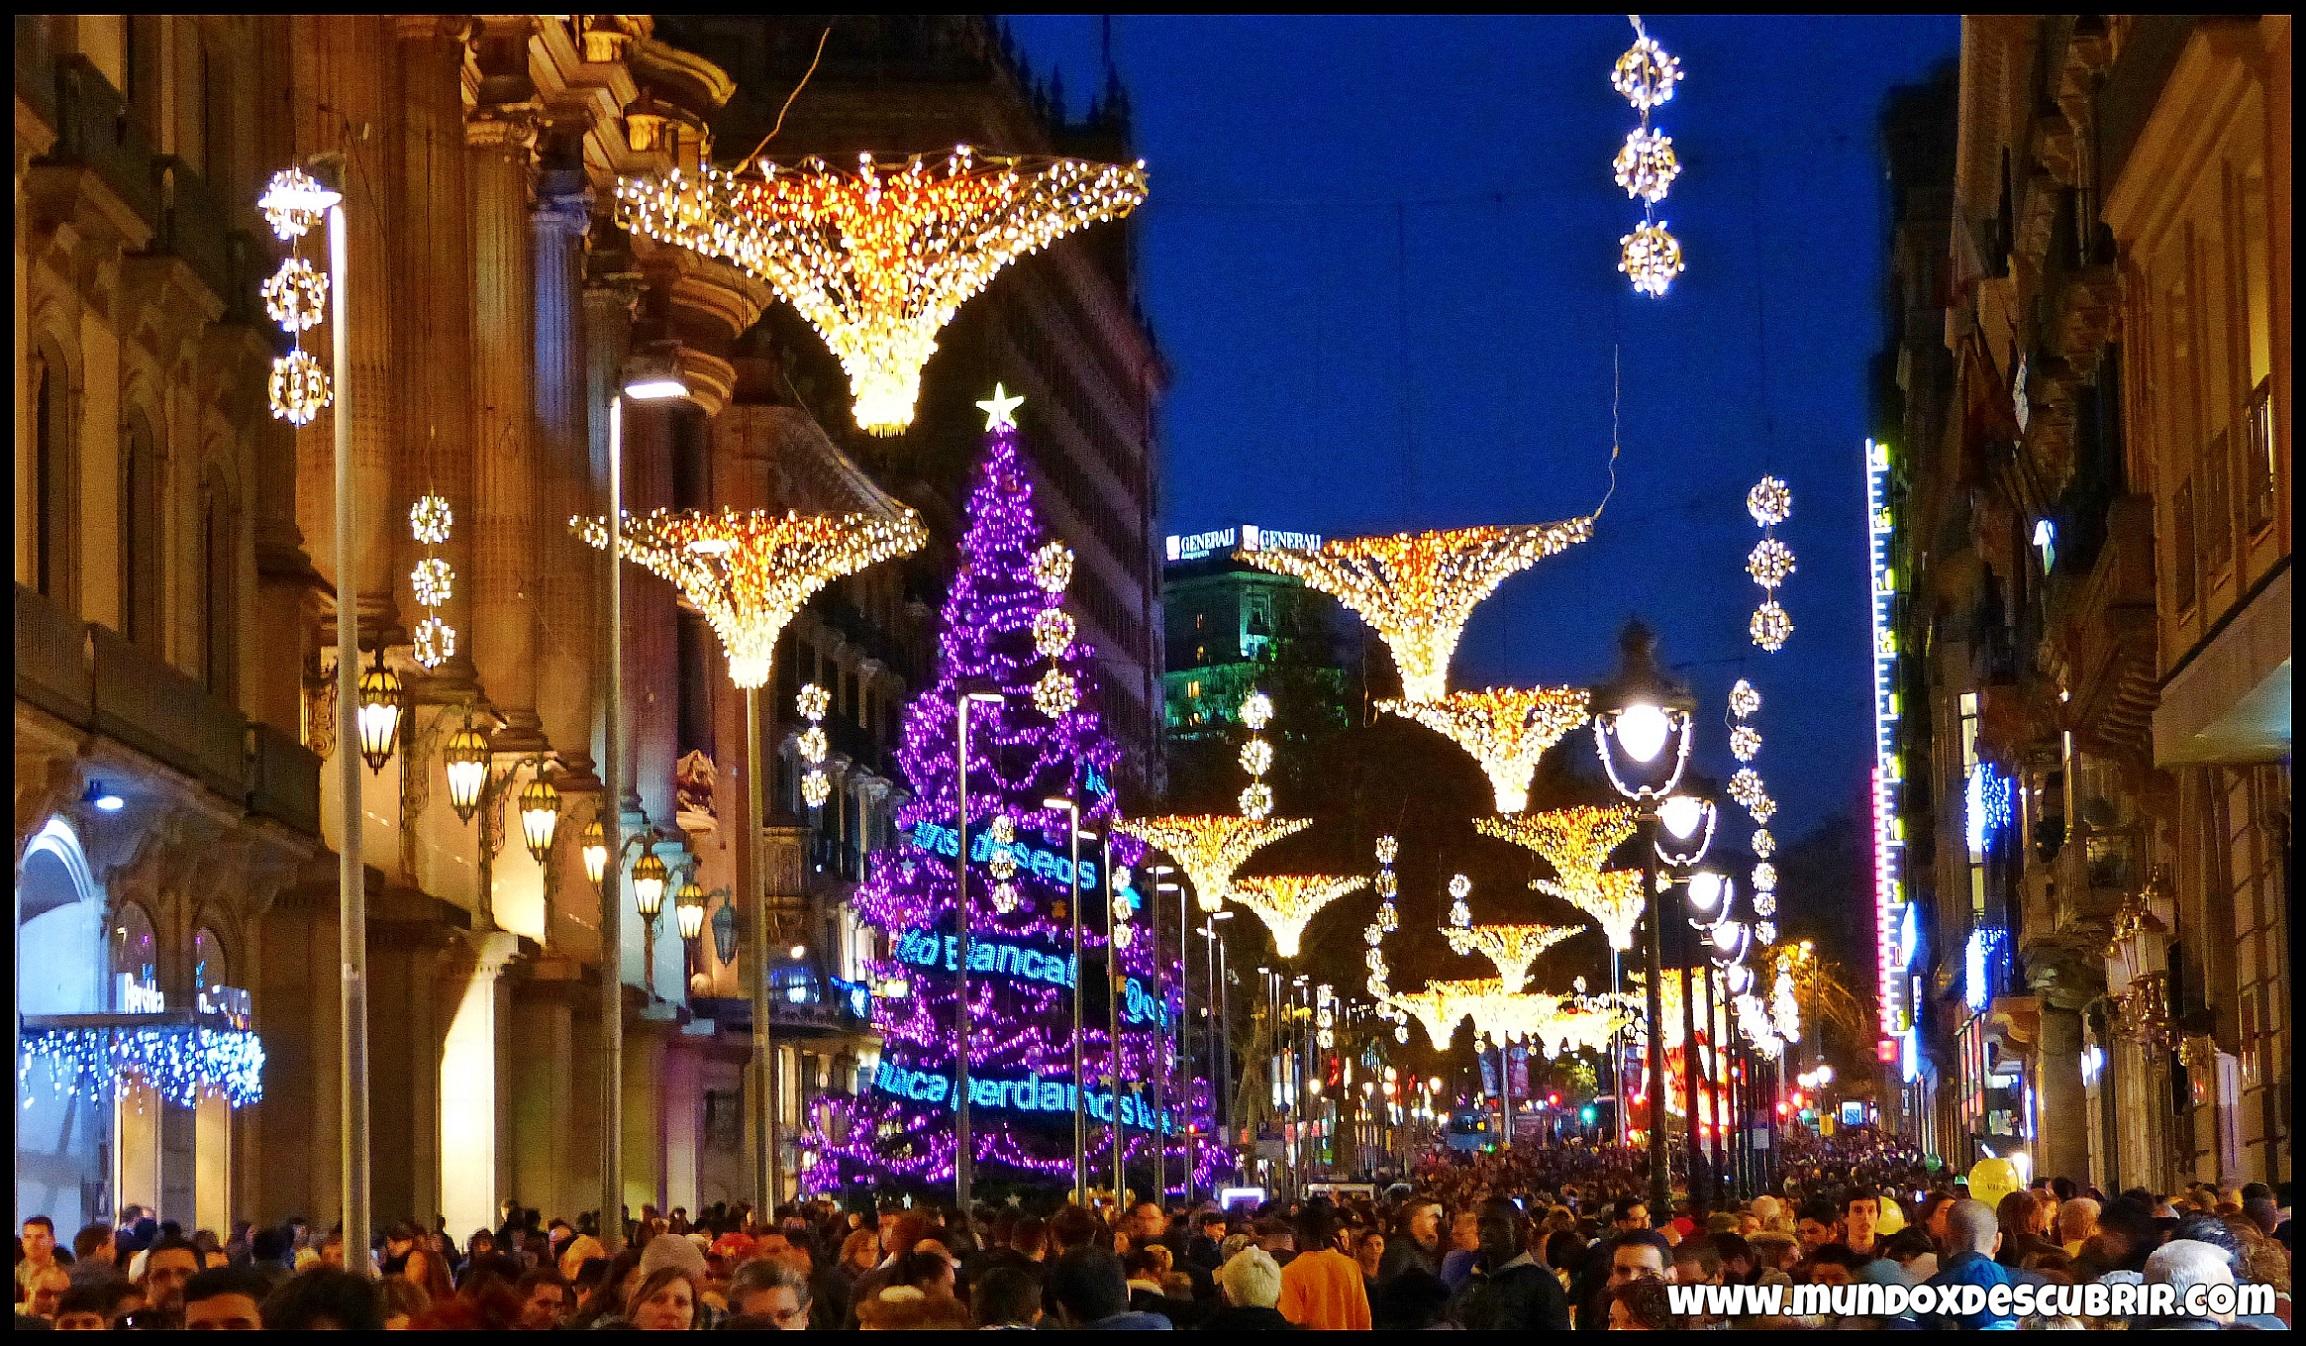 10 cosas que hacer en barcelona en navidad 4 v deos for Cosas decorativas para navidad